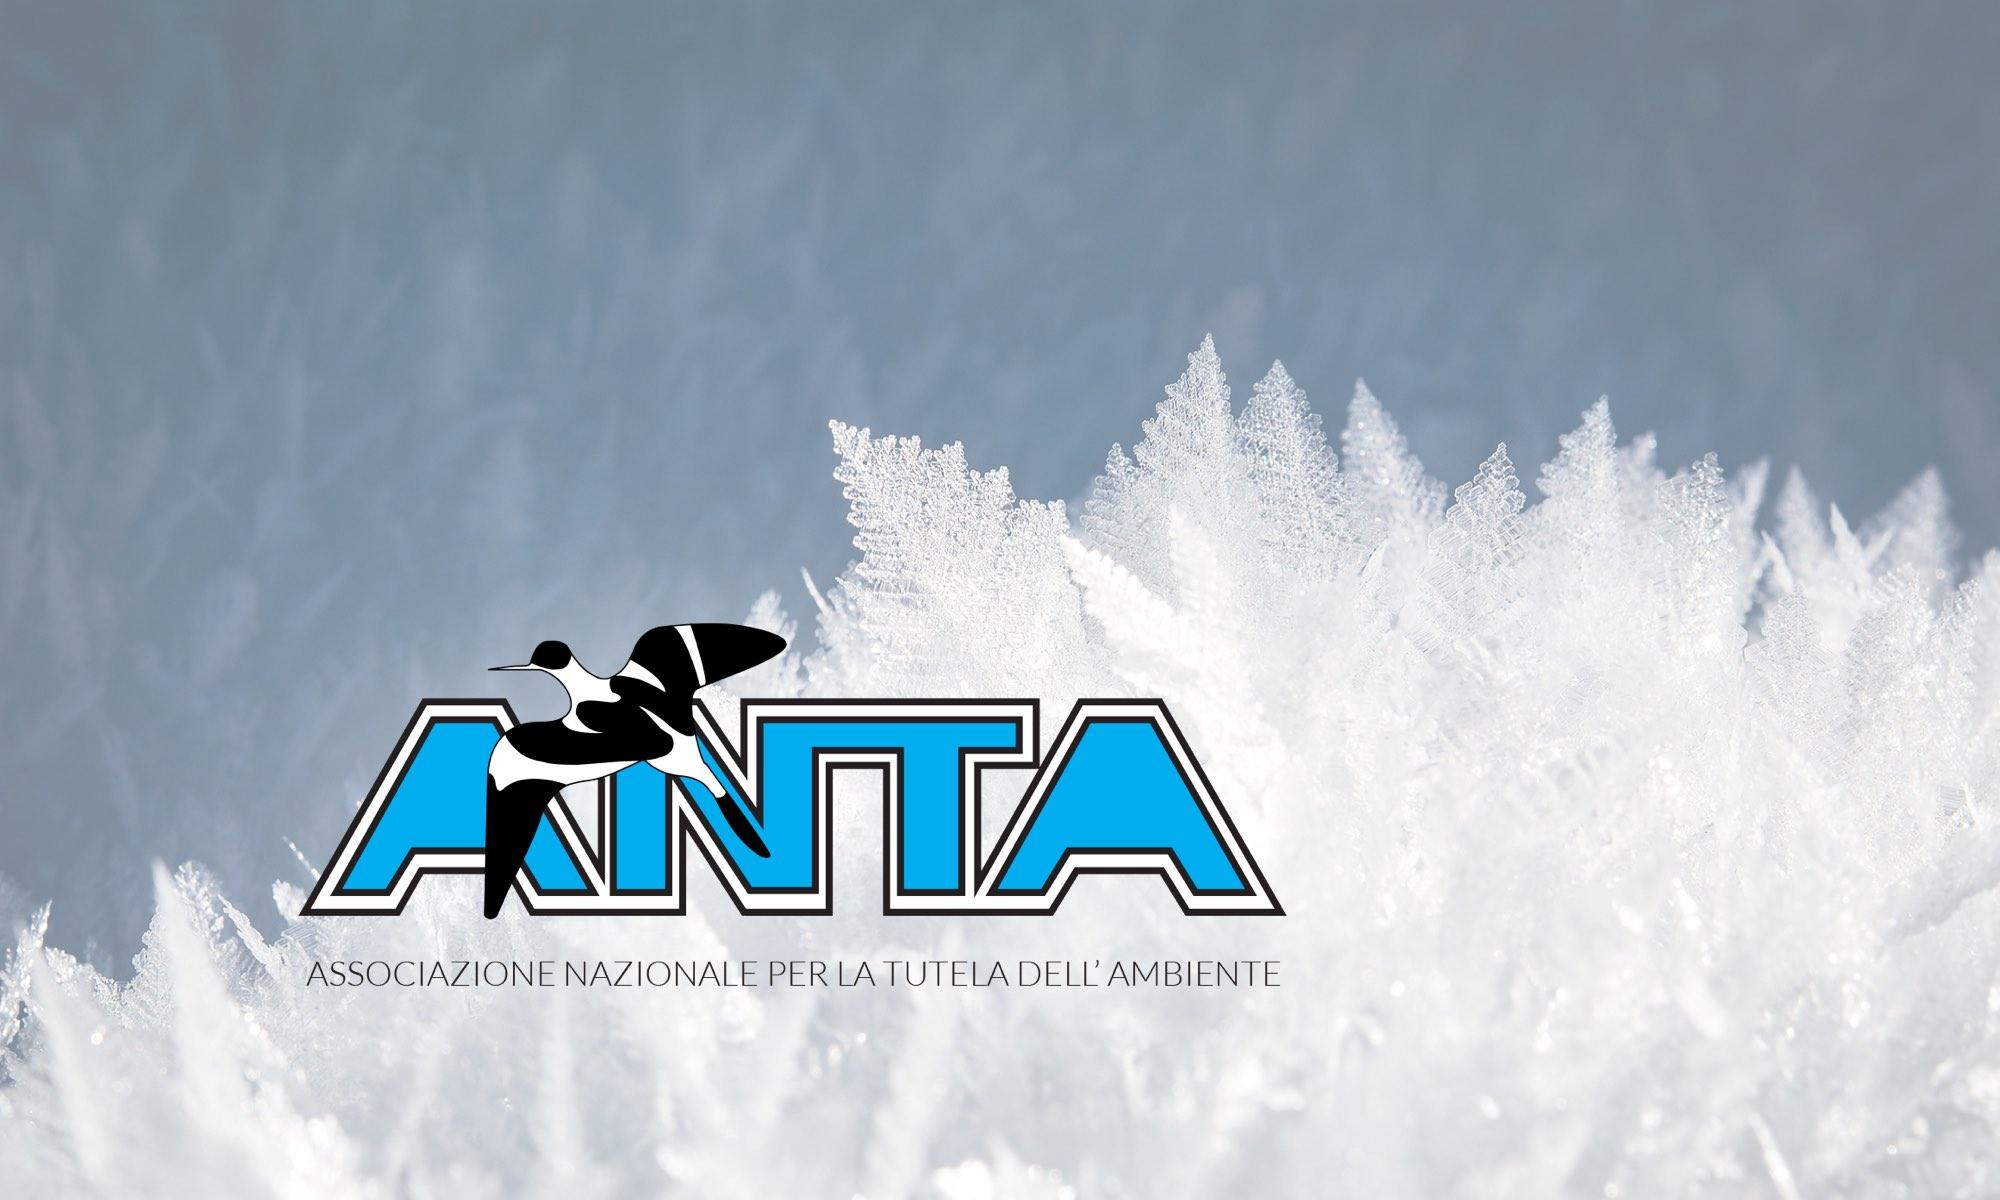 ANTA - Associazione Nazionale per la Tutela dell'Ambiente